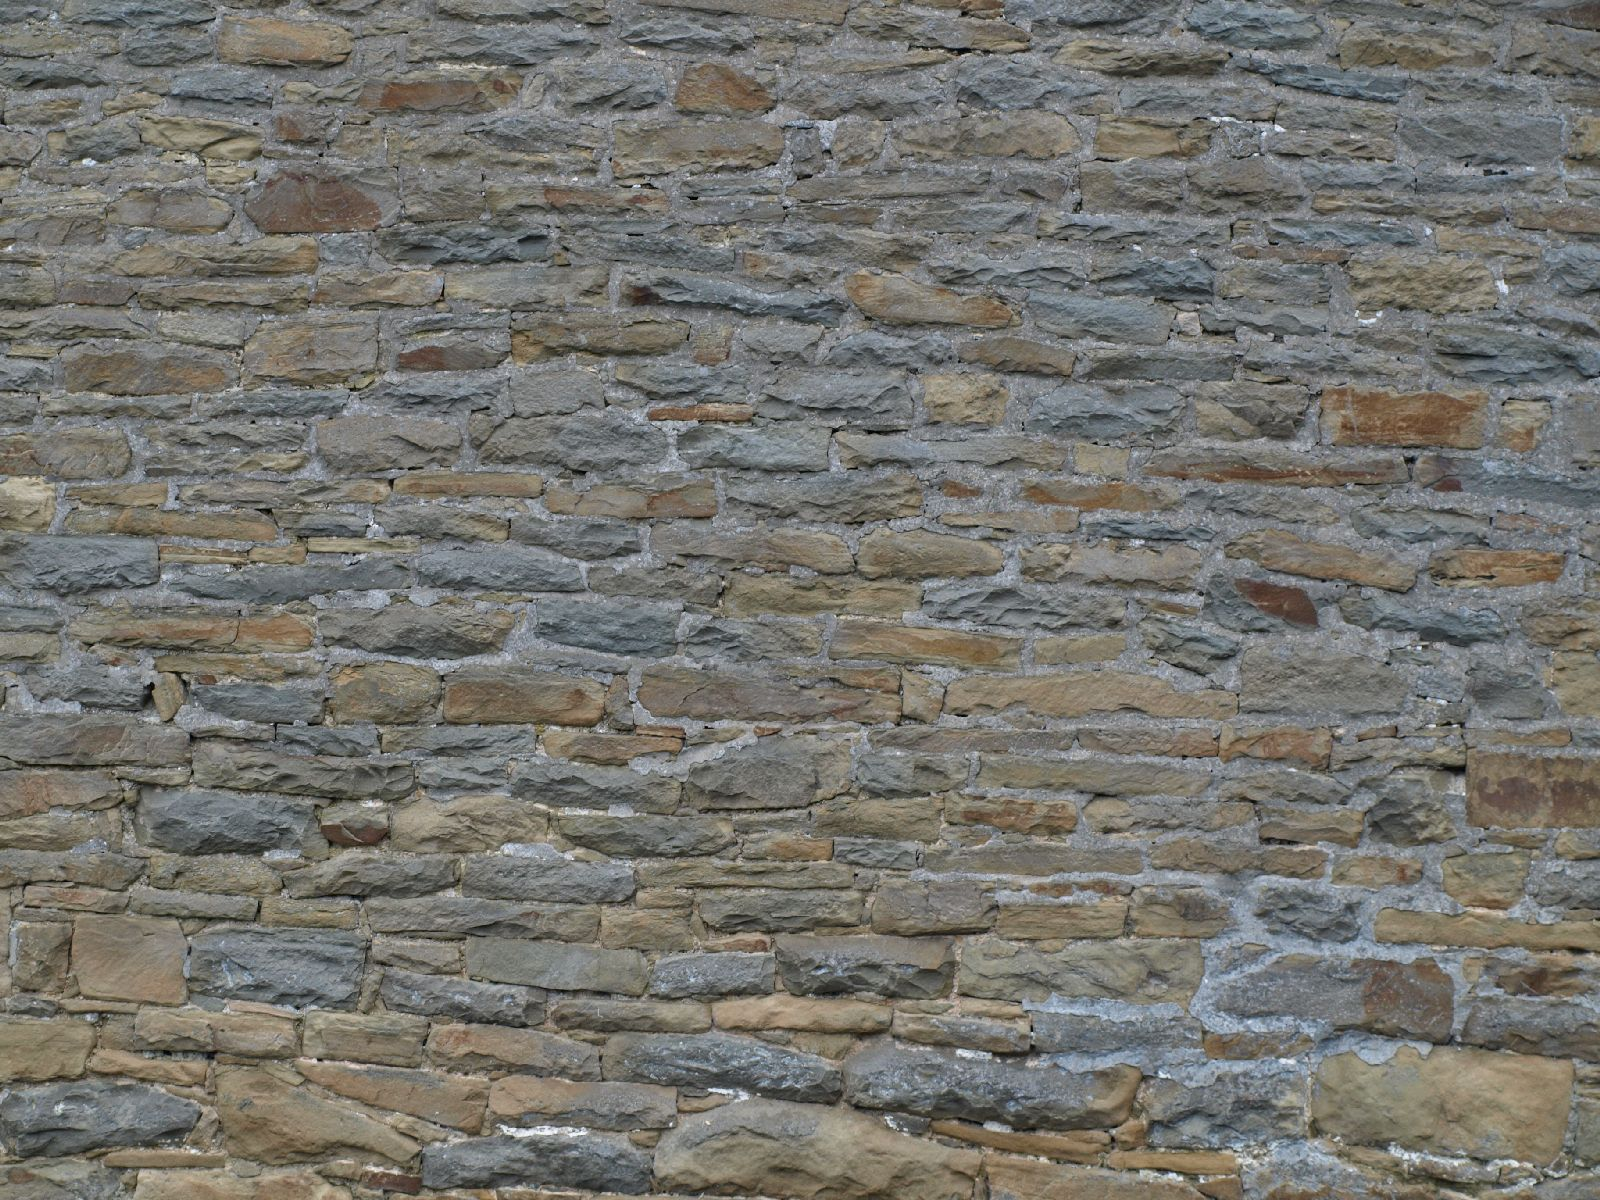 Wand-Bruchstein_Textur_A_P6213534